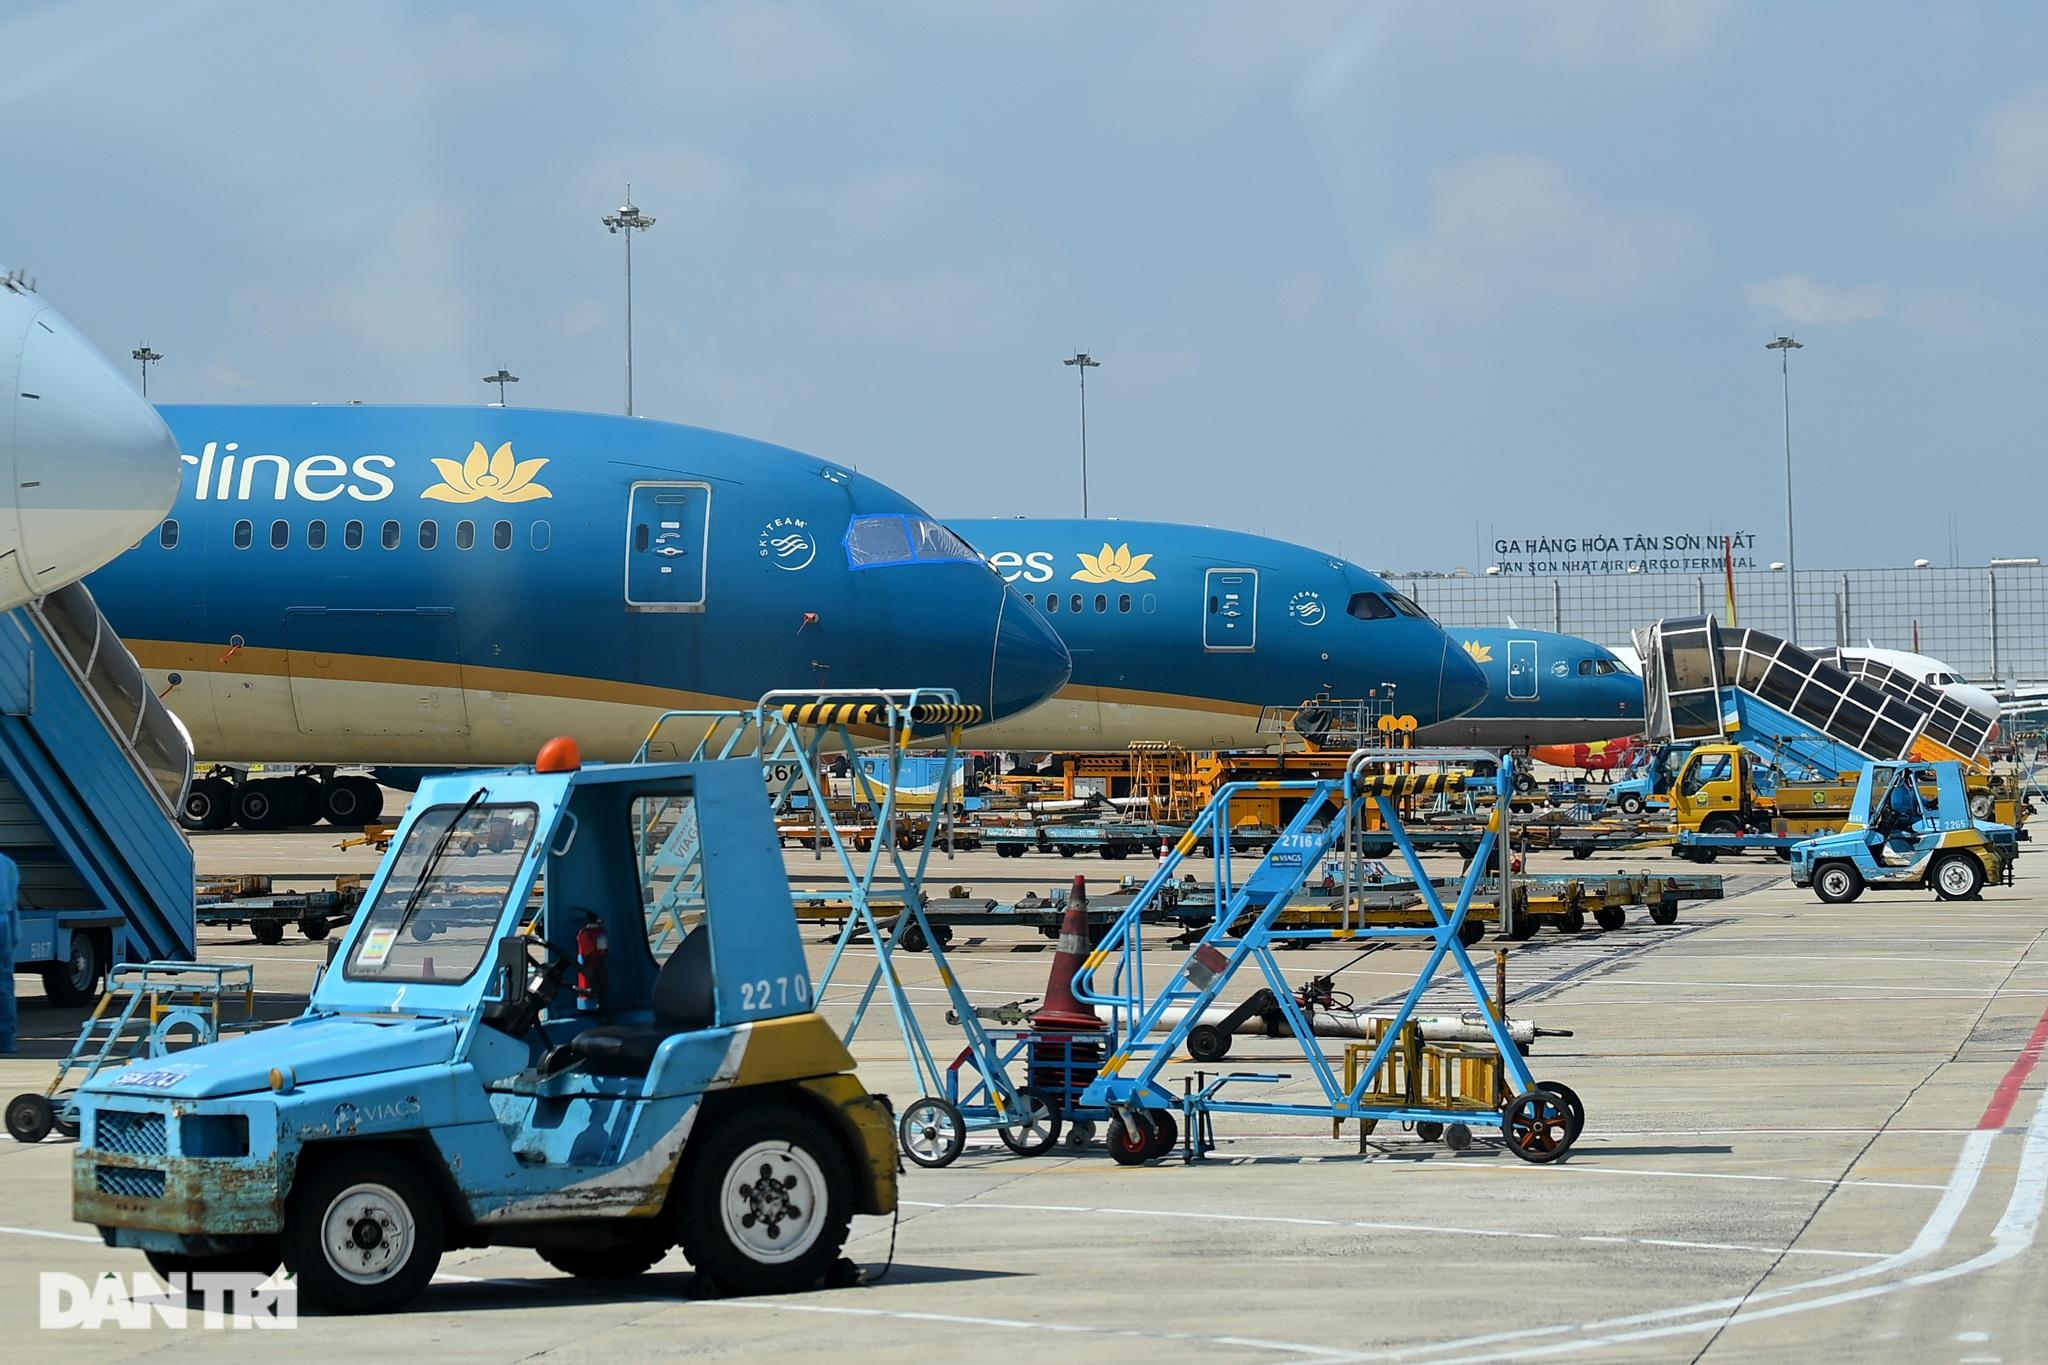 Ám ảnh hàng trăm tàu bay đắp chiếu nằm la liệt tại Nội Bài, Tân Sơn Nhất - 16